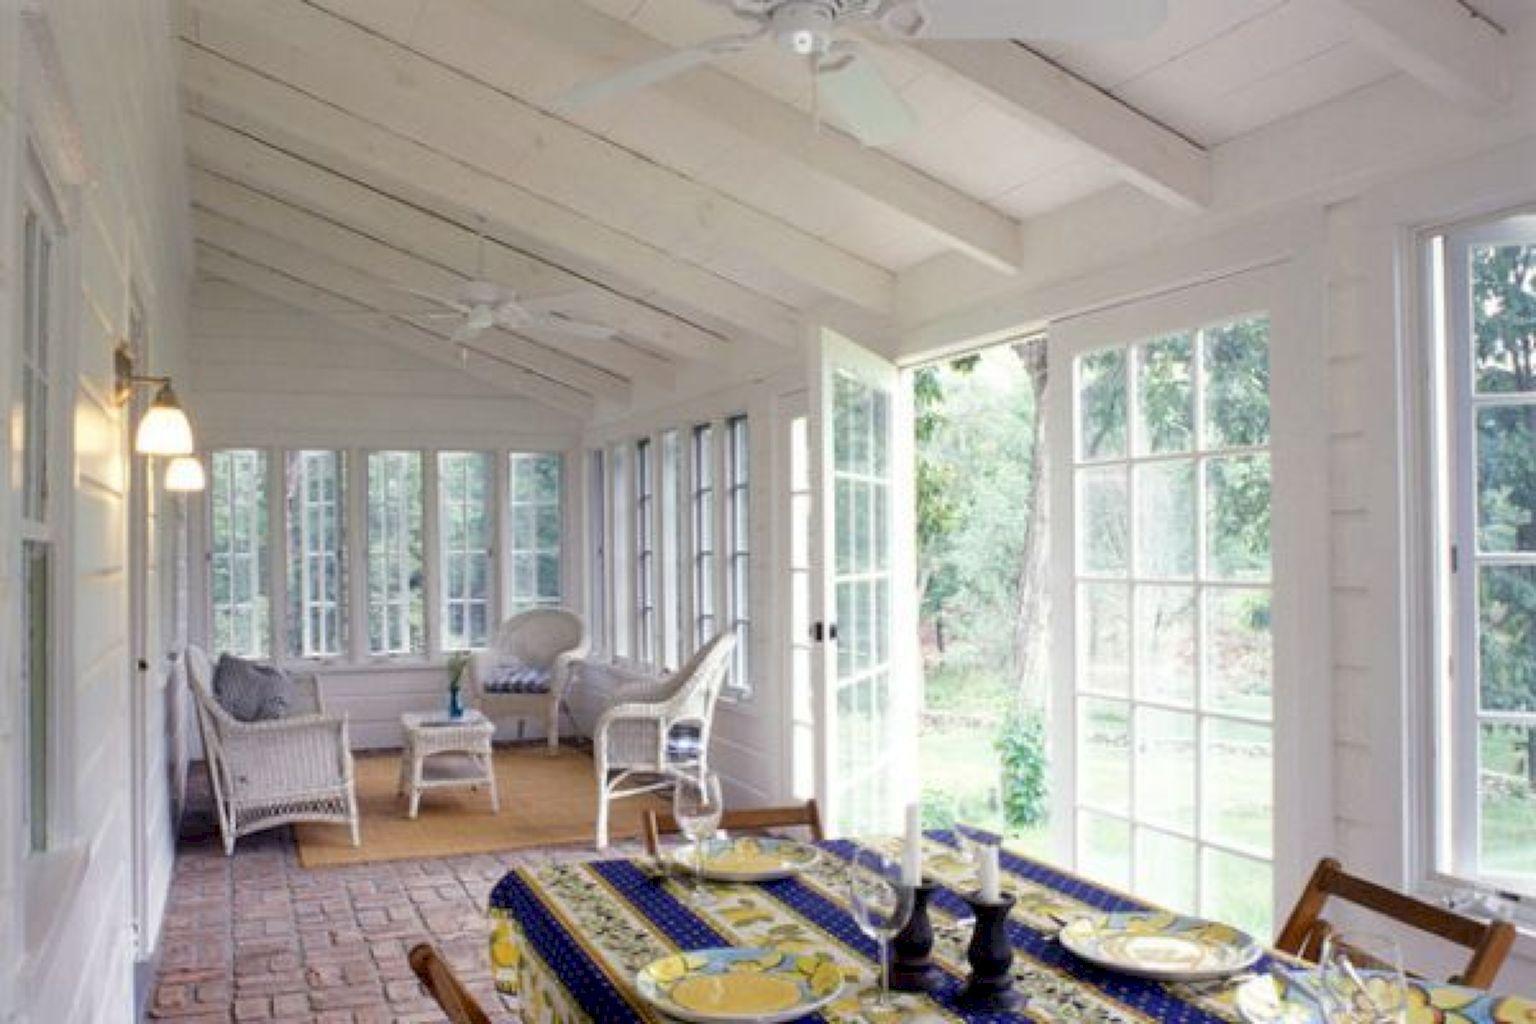 Window ideas for a sunroom   best farmhouse sunroom decorating ideas  sunroom sunroom